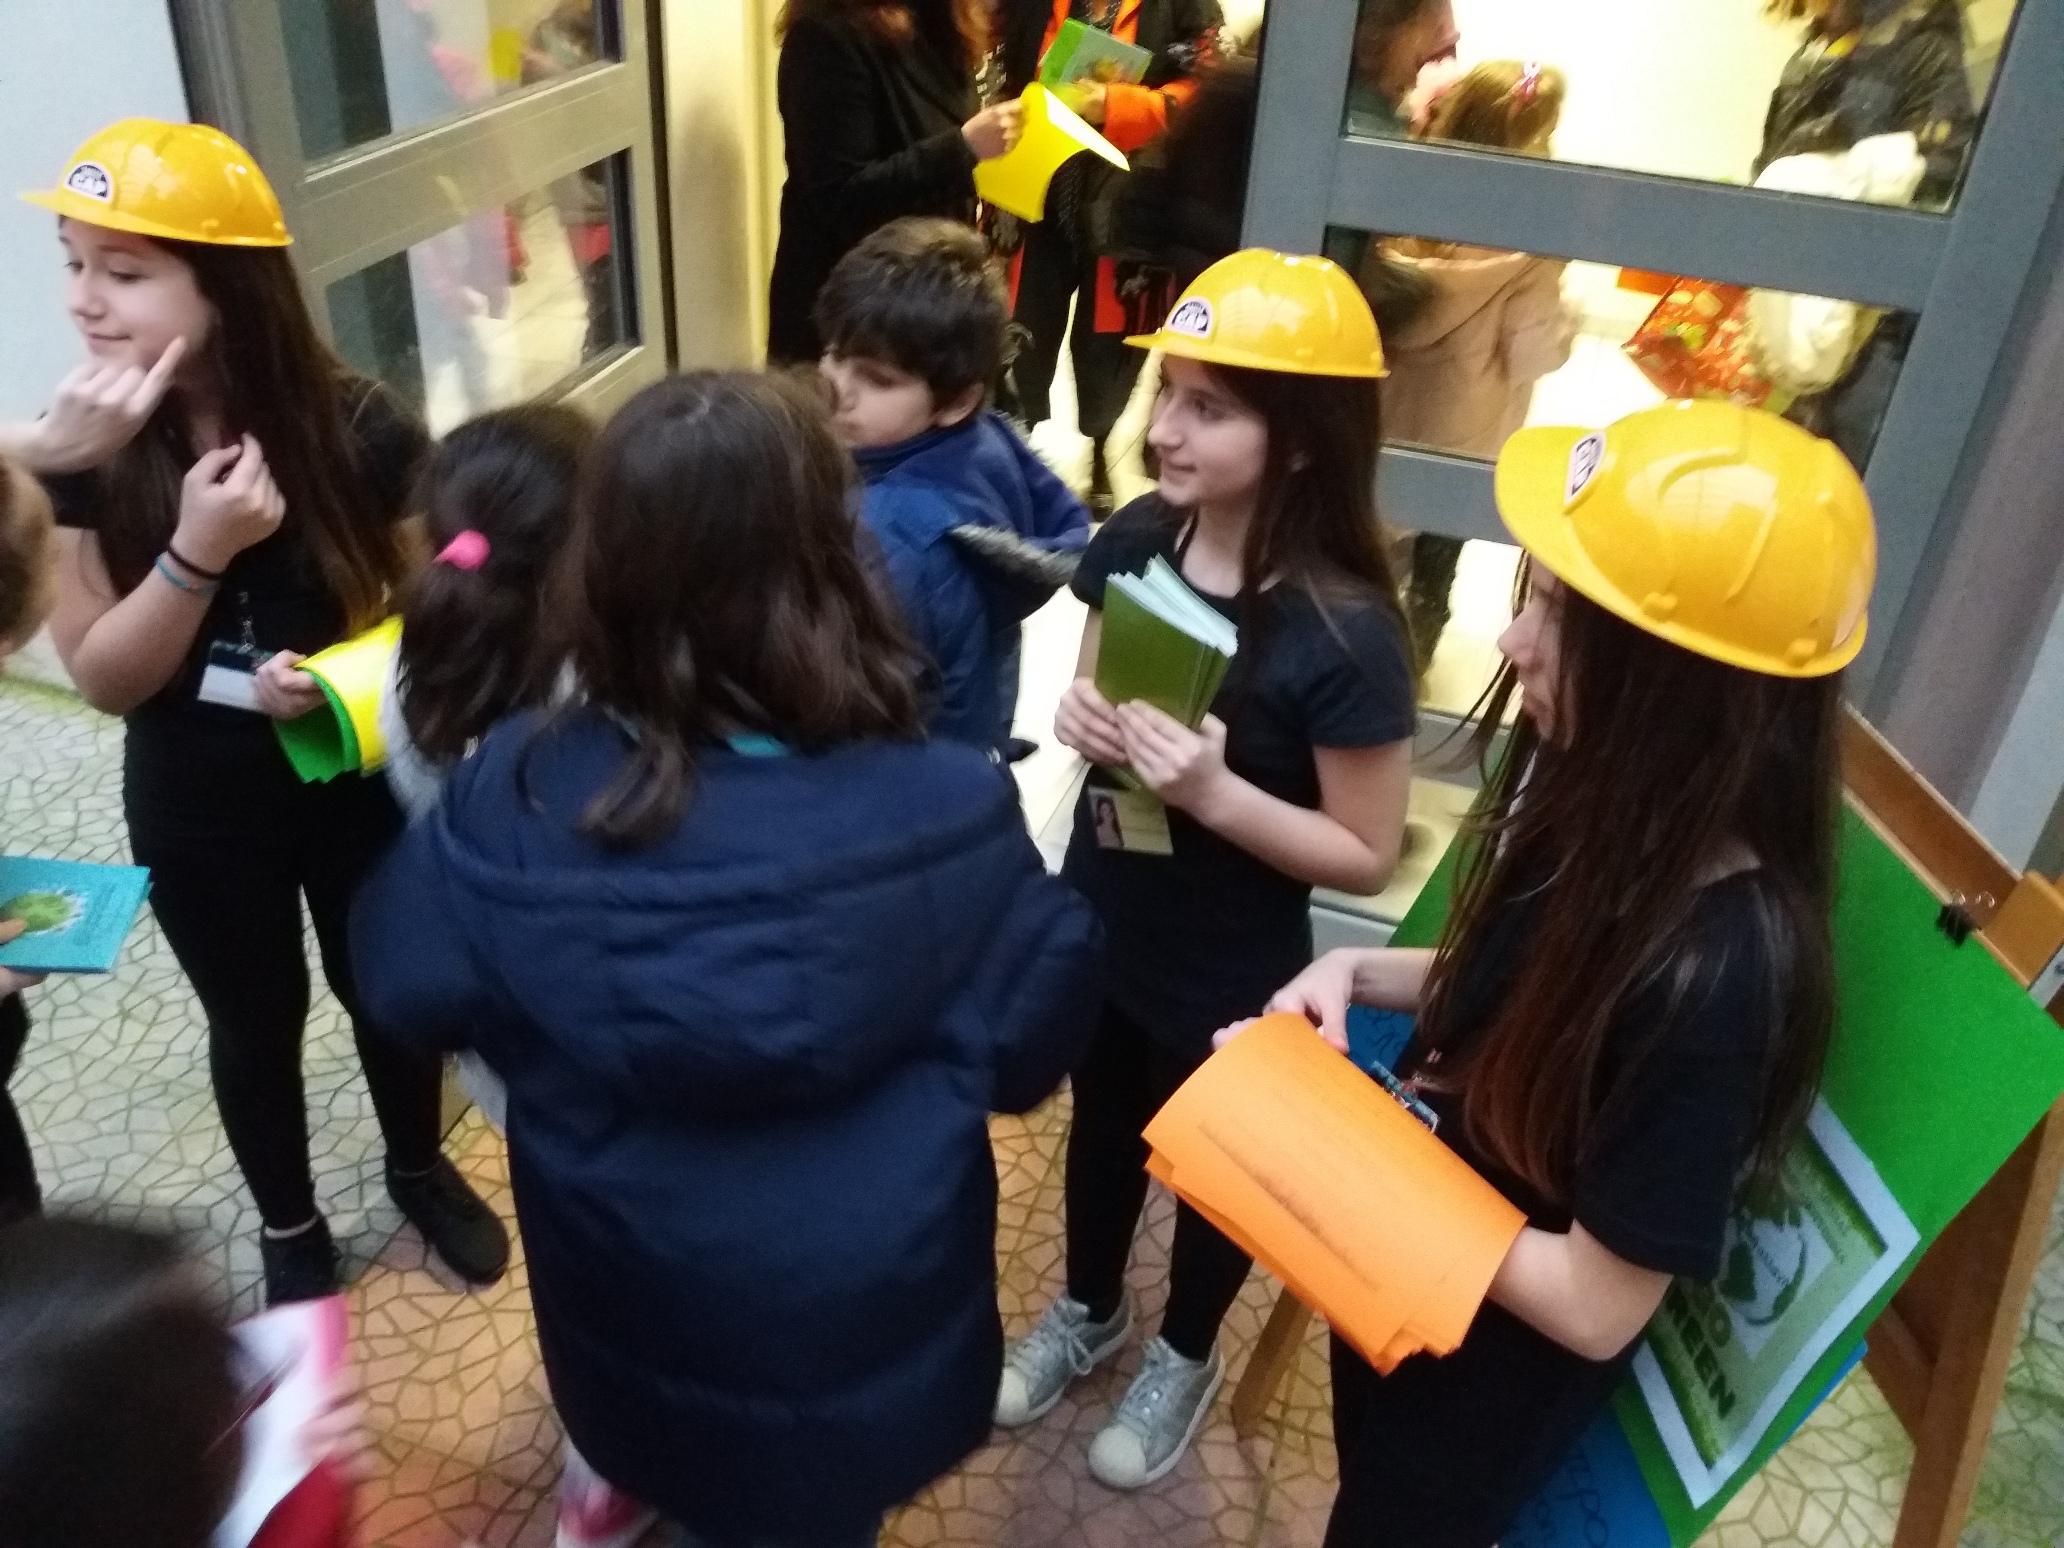 Η ενεργειακή ομάδα του 22ου Δημοτικού Σχολείου δρα για την προστασία του κλίματος